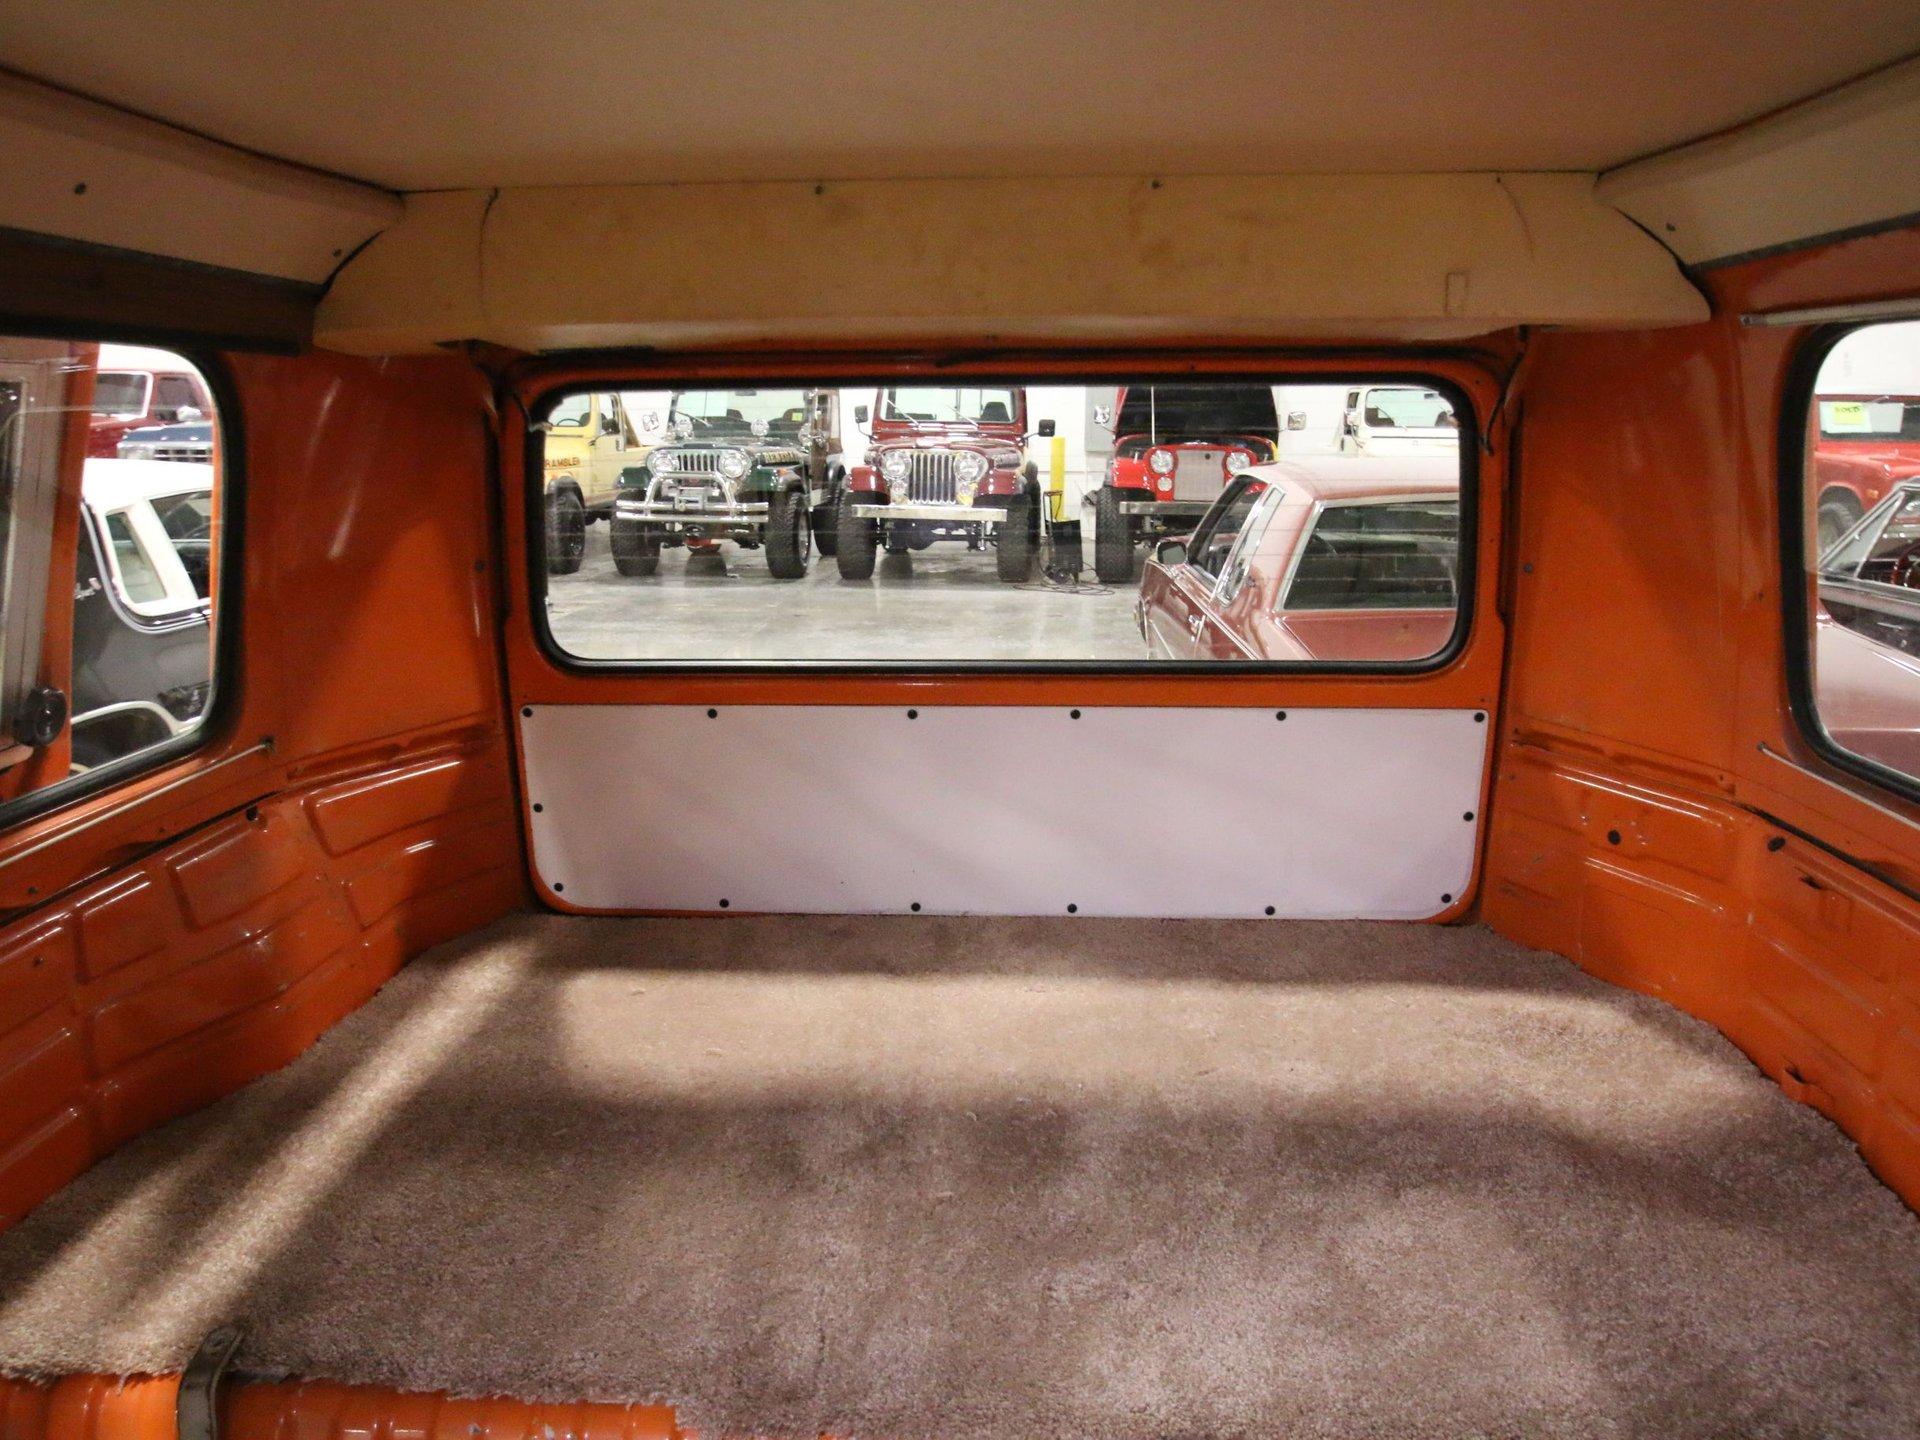 1975 volkswagen bus westfalia camper